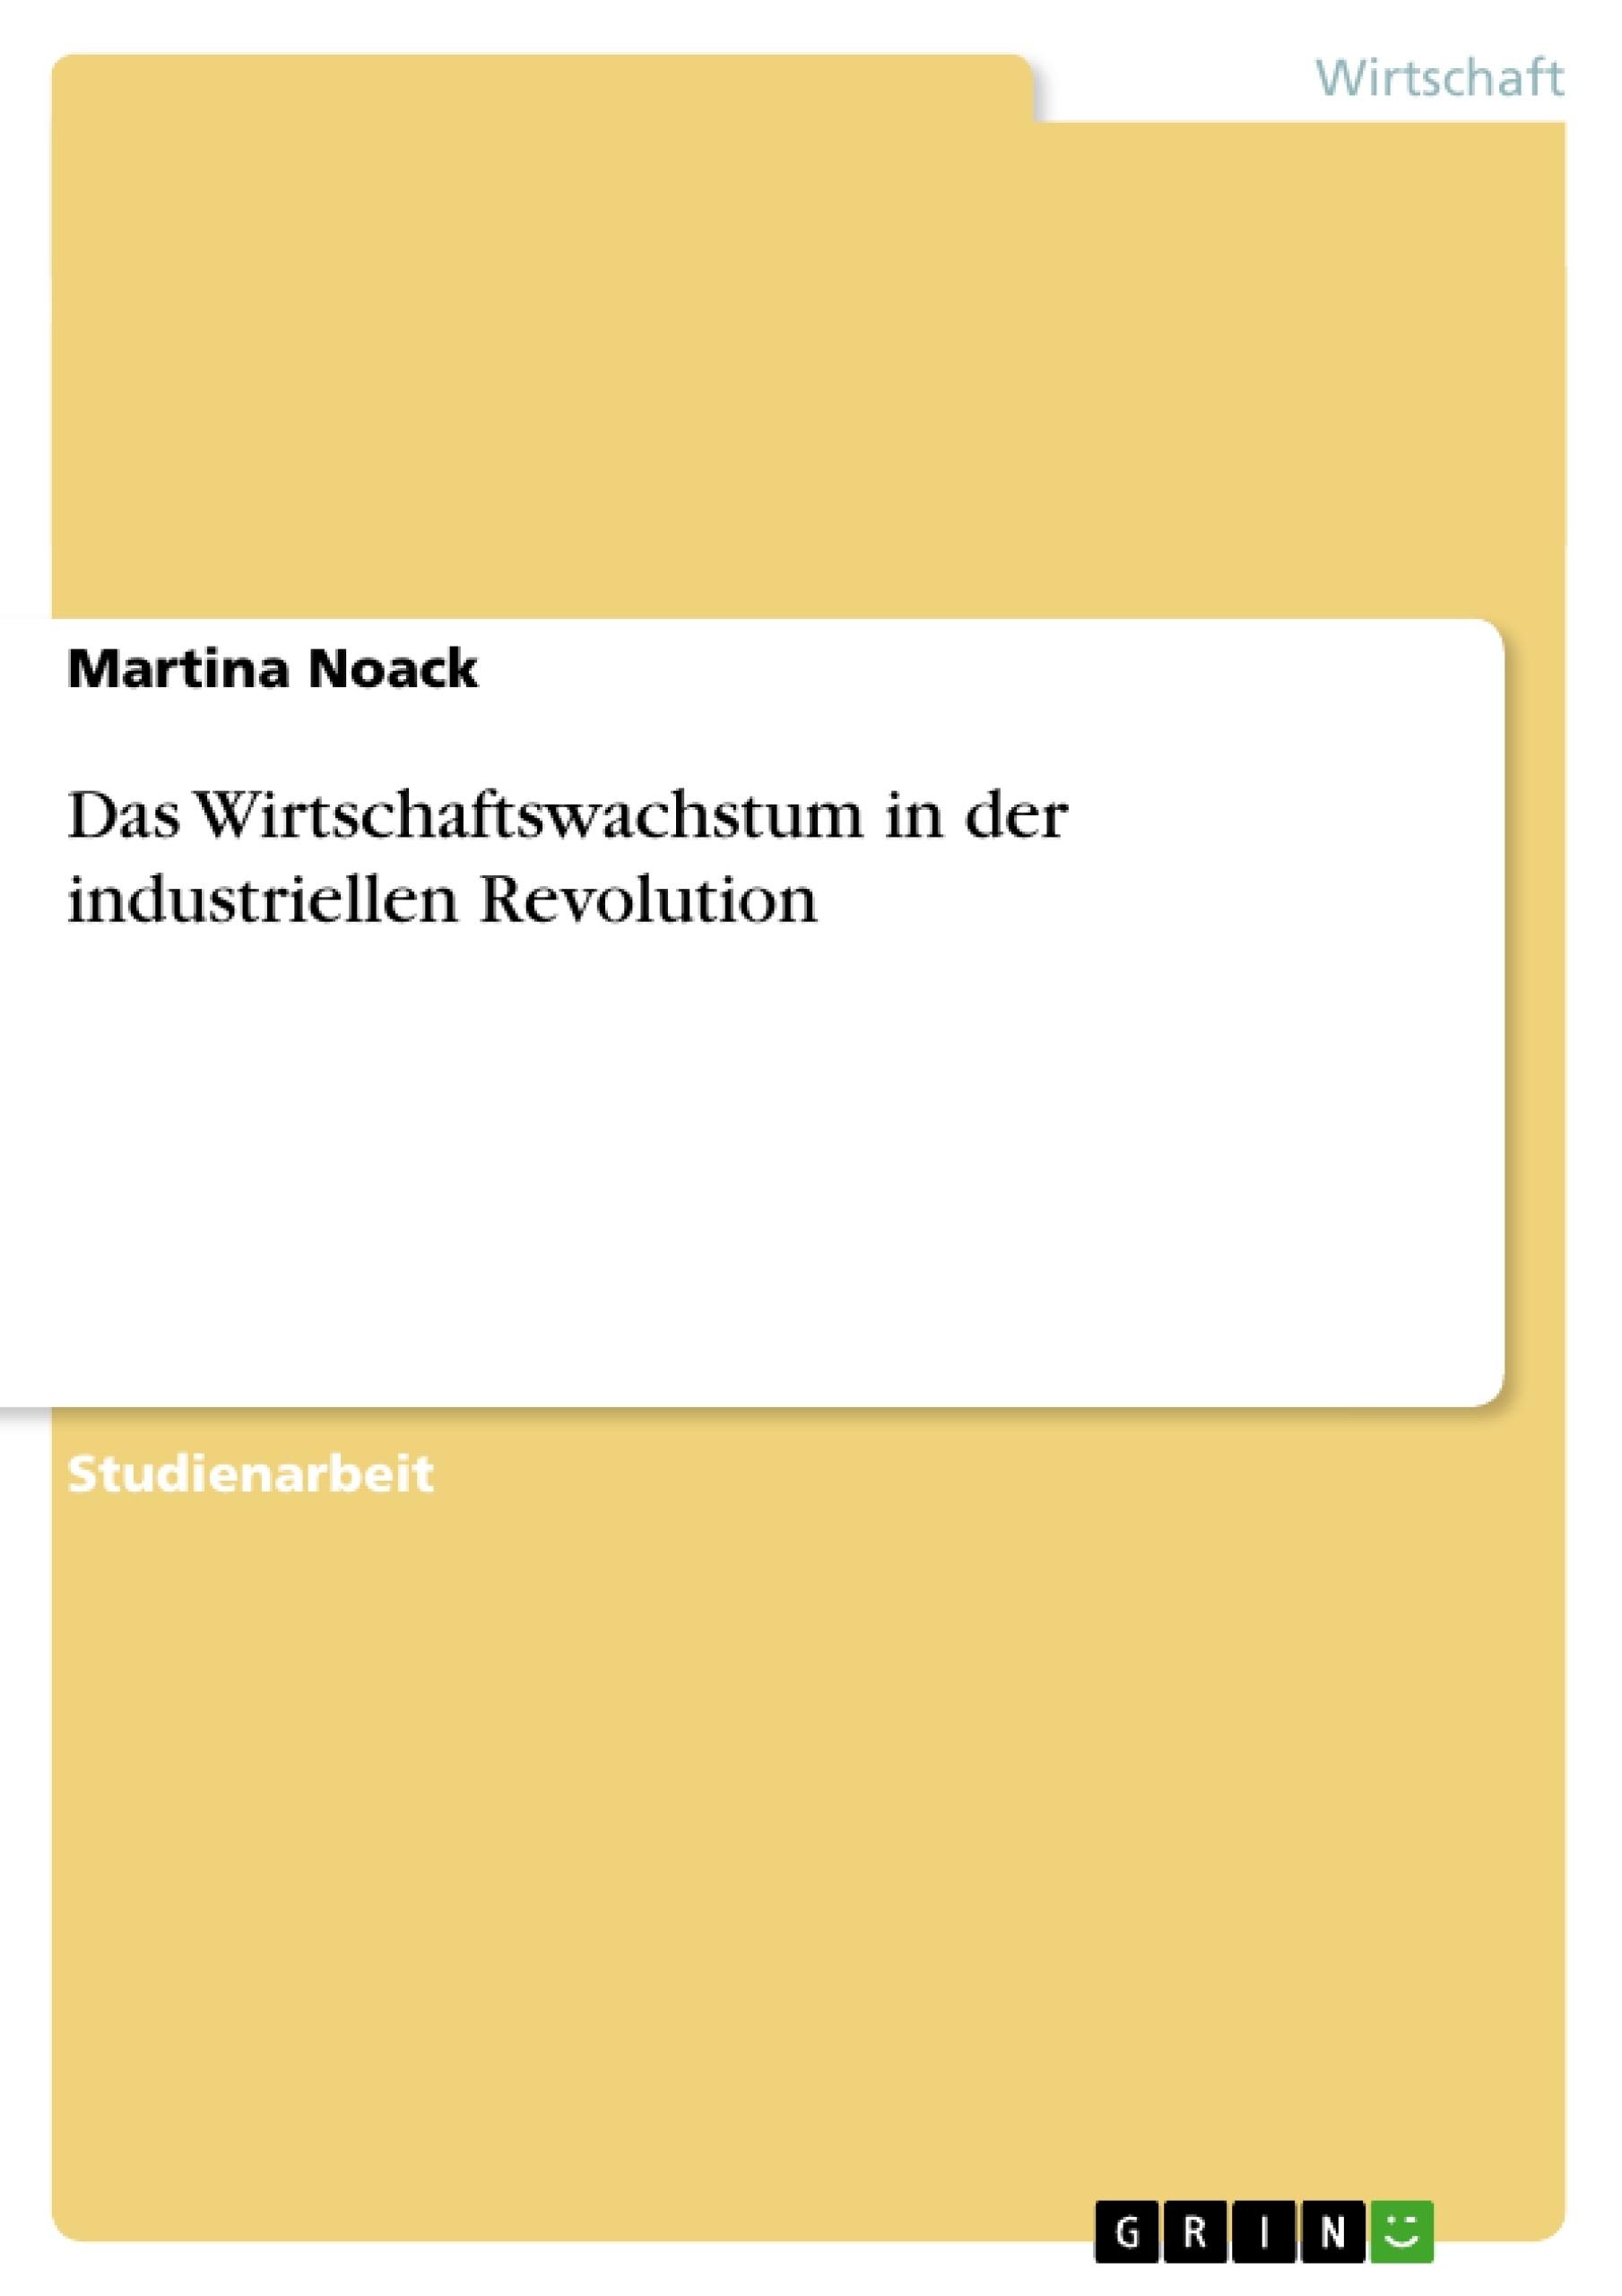 Titel: Das Wirtschaftswachstum in der industriellen Revolution